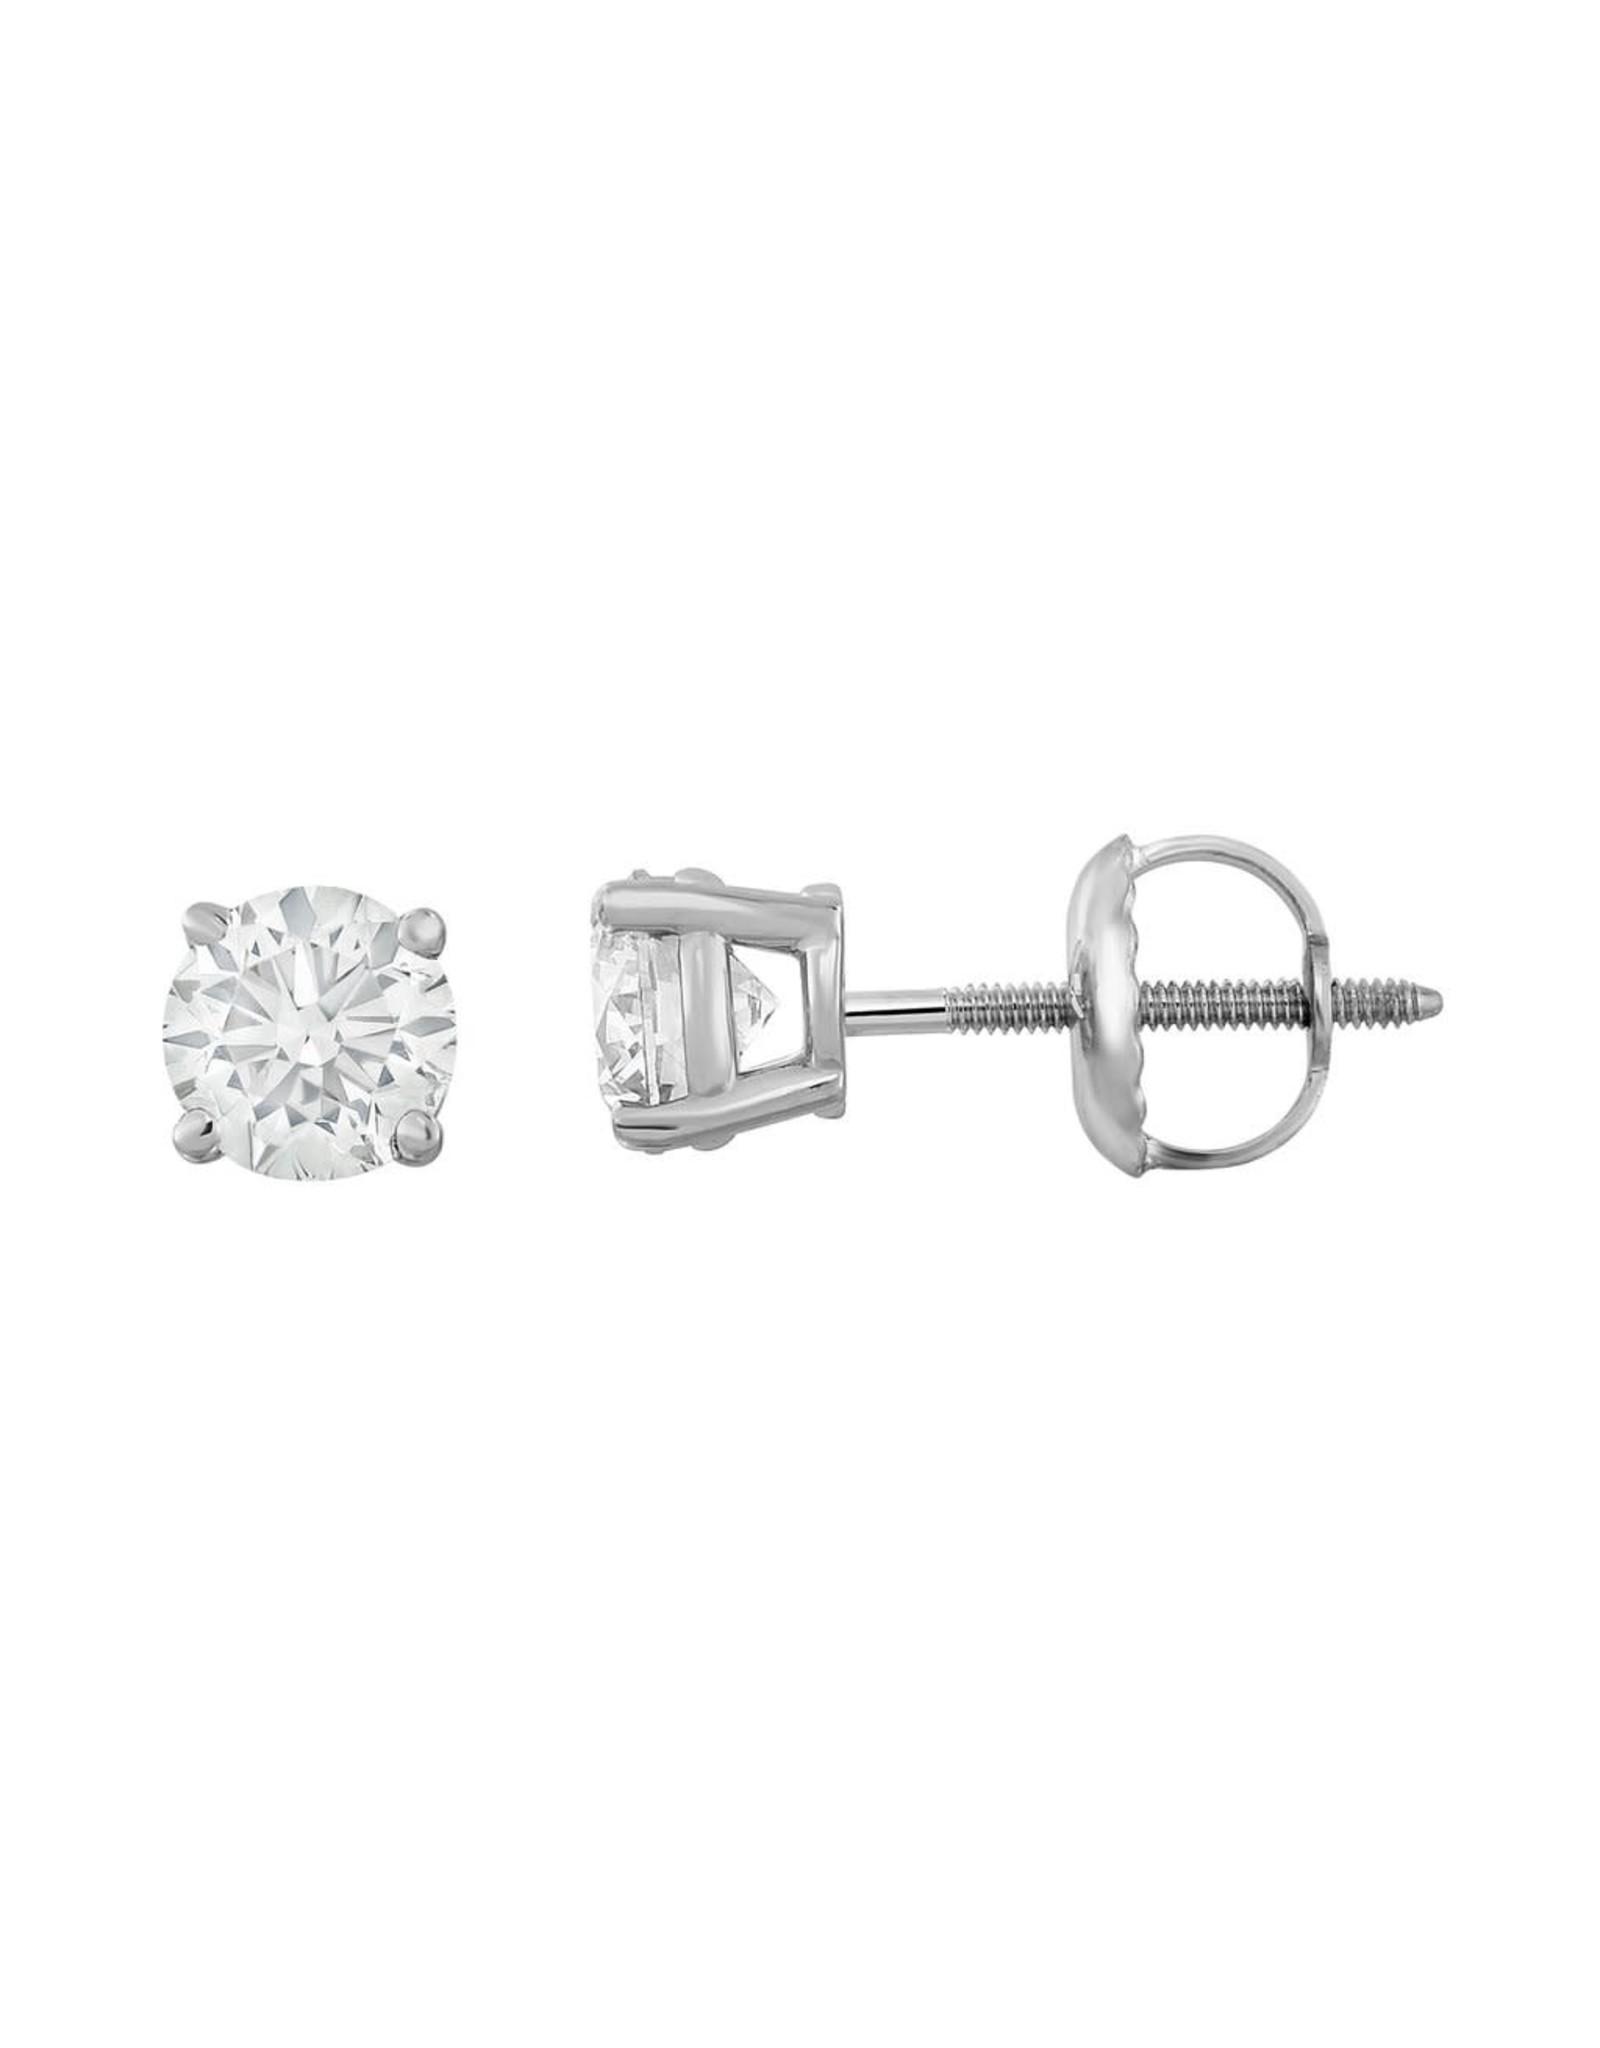 18K W/G 4-Prong Diamond Stud Earrings,  0.71ct